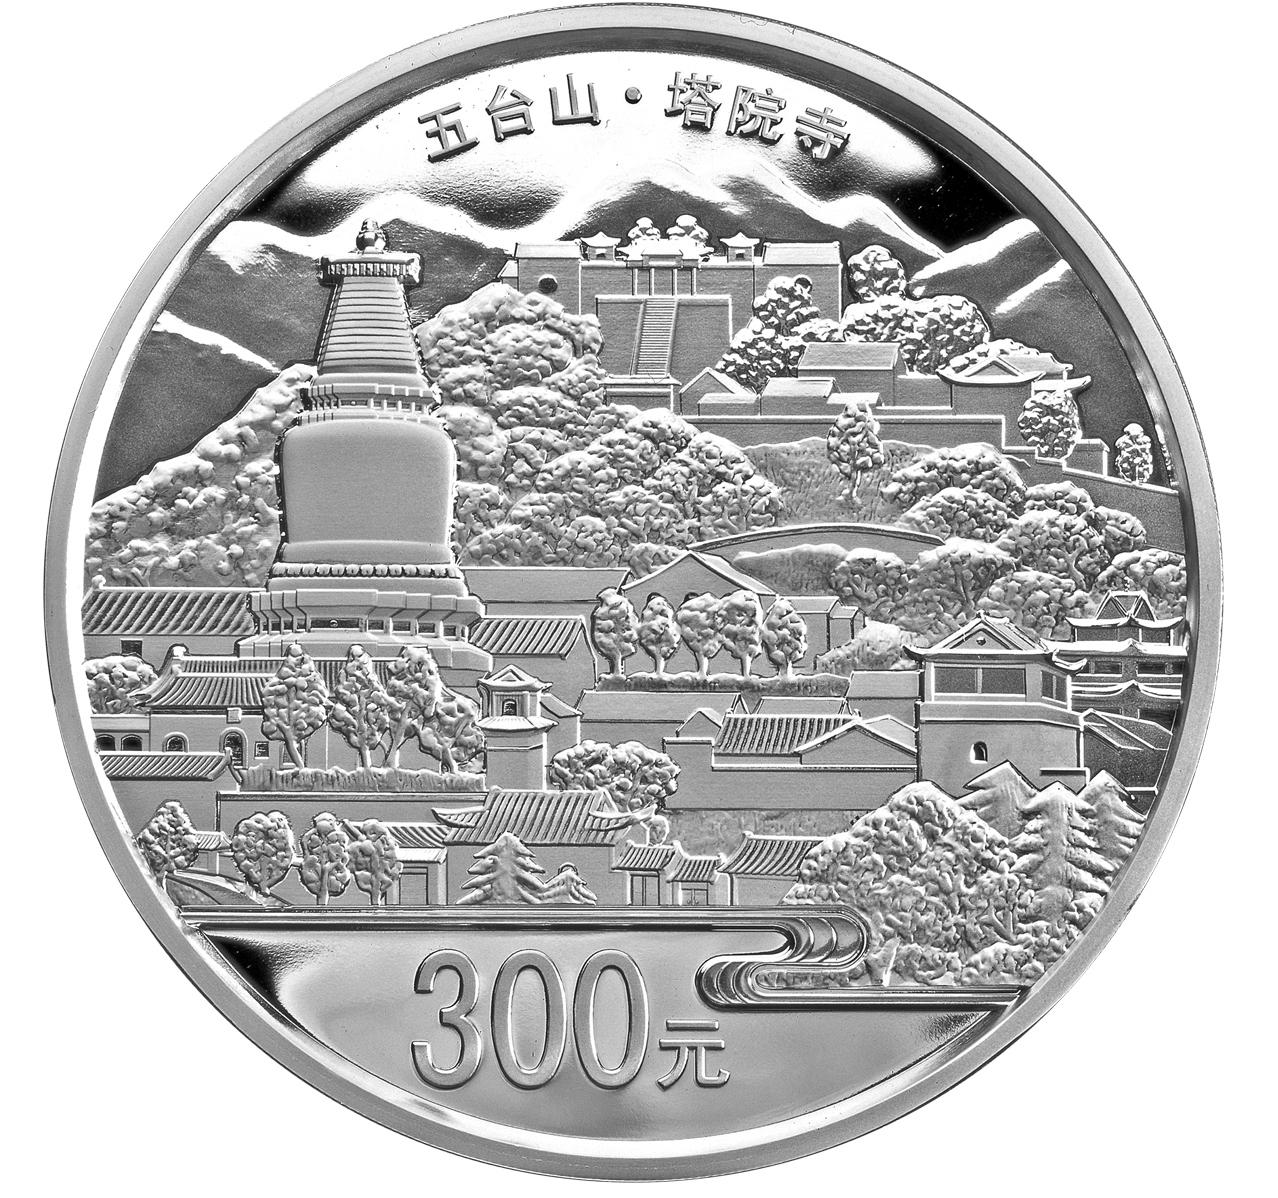 央行发行金银纪念币一套